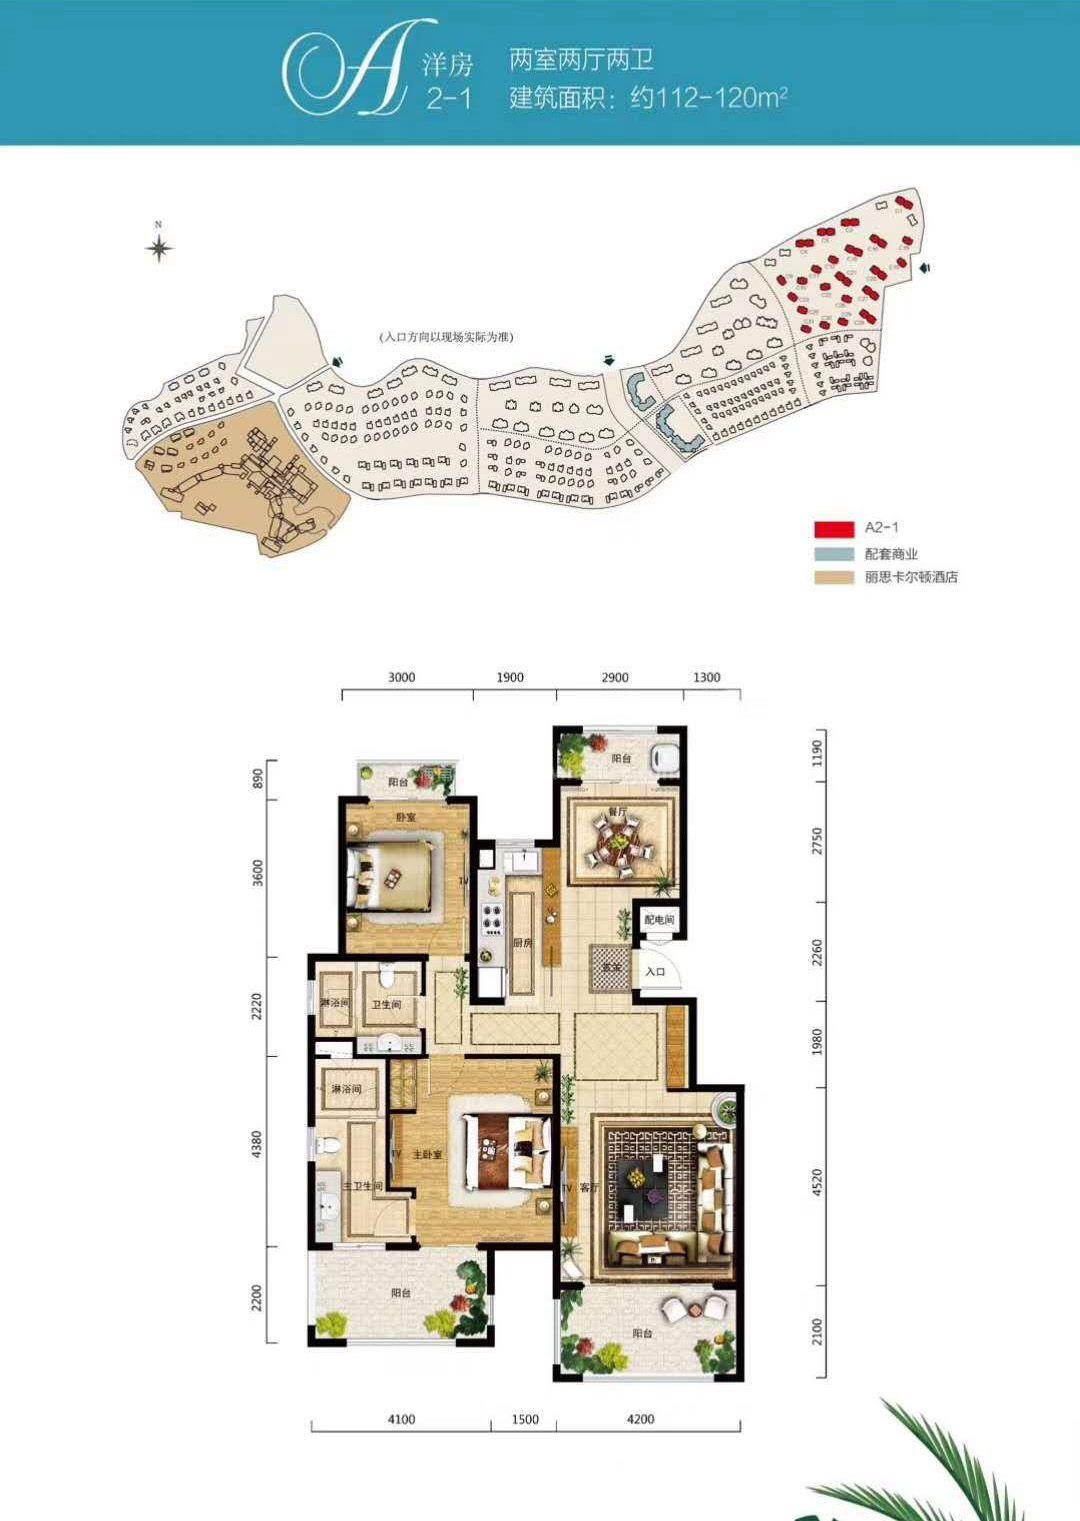 洋房A2-1 两室两厅两卫 建筑面积约115㎡